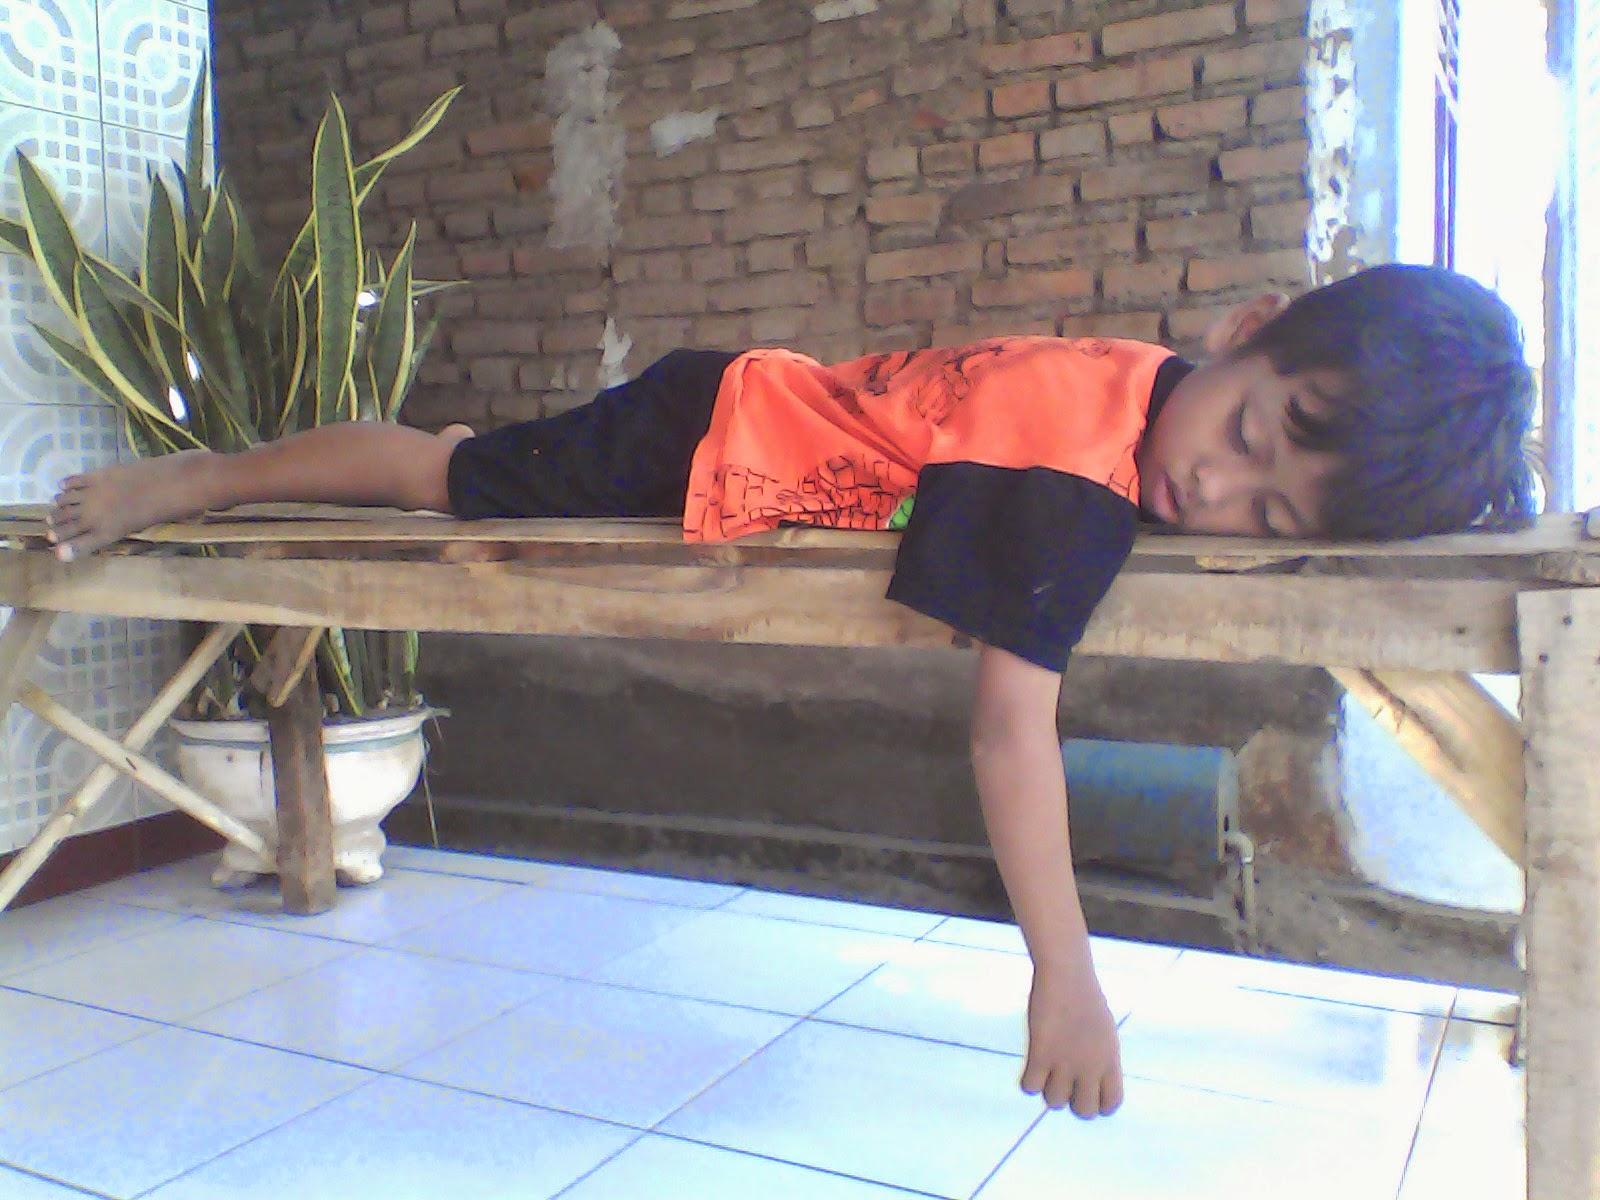 Inilah Foto Bukti Jika Anak Kecil Bisa Tidur Dimana Saja Saat Dia